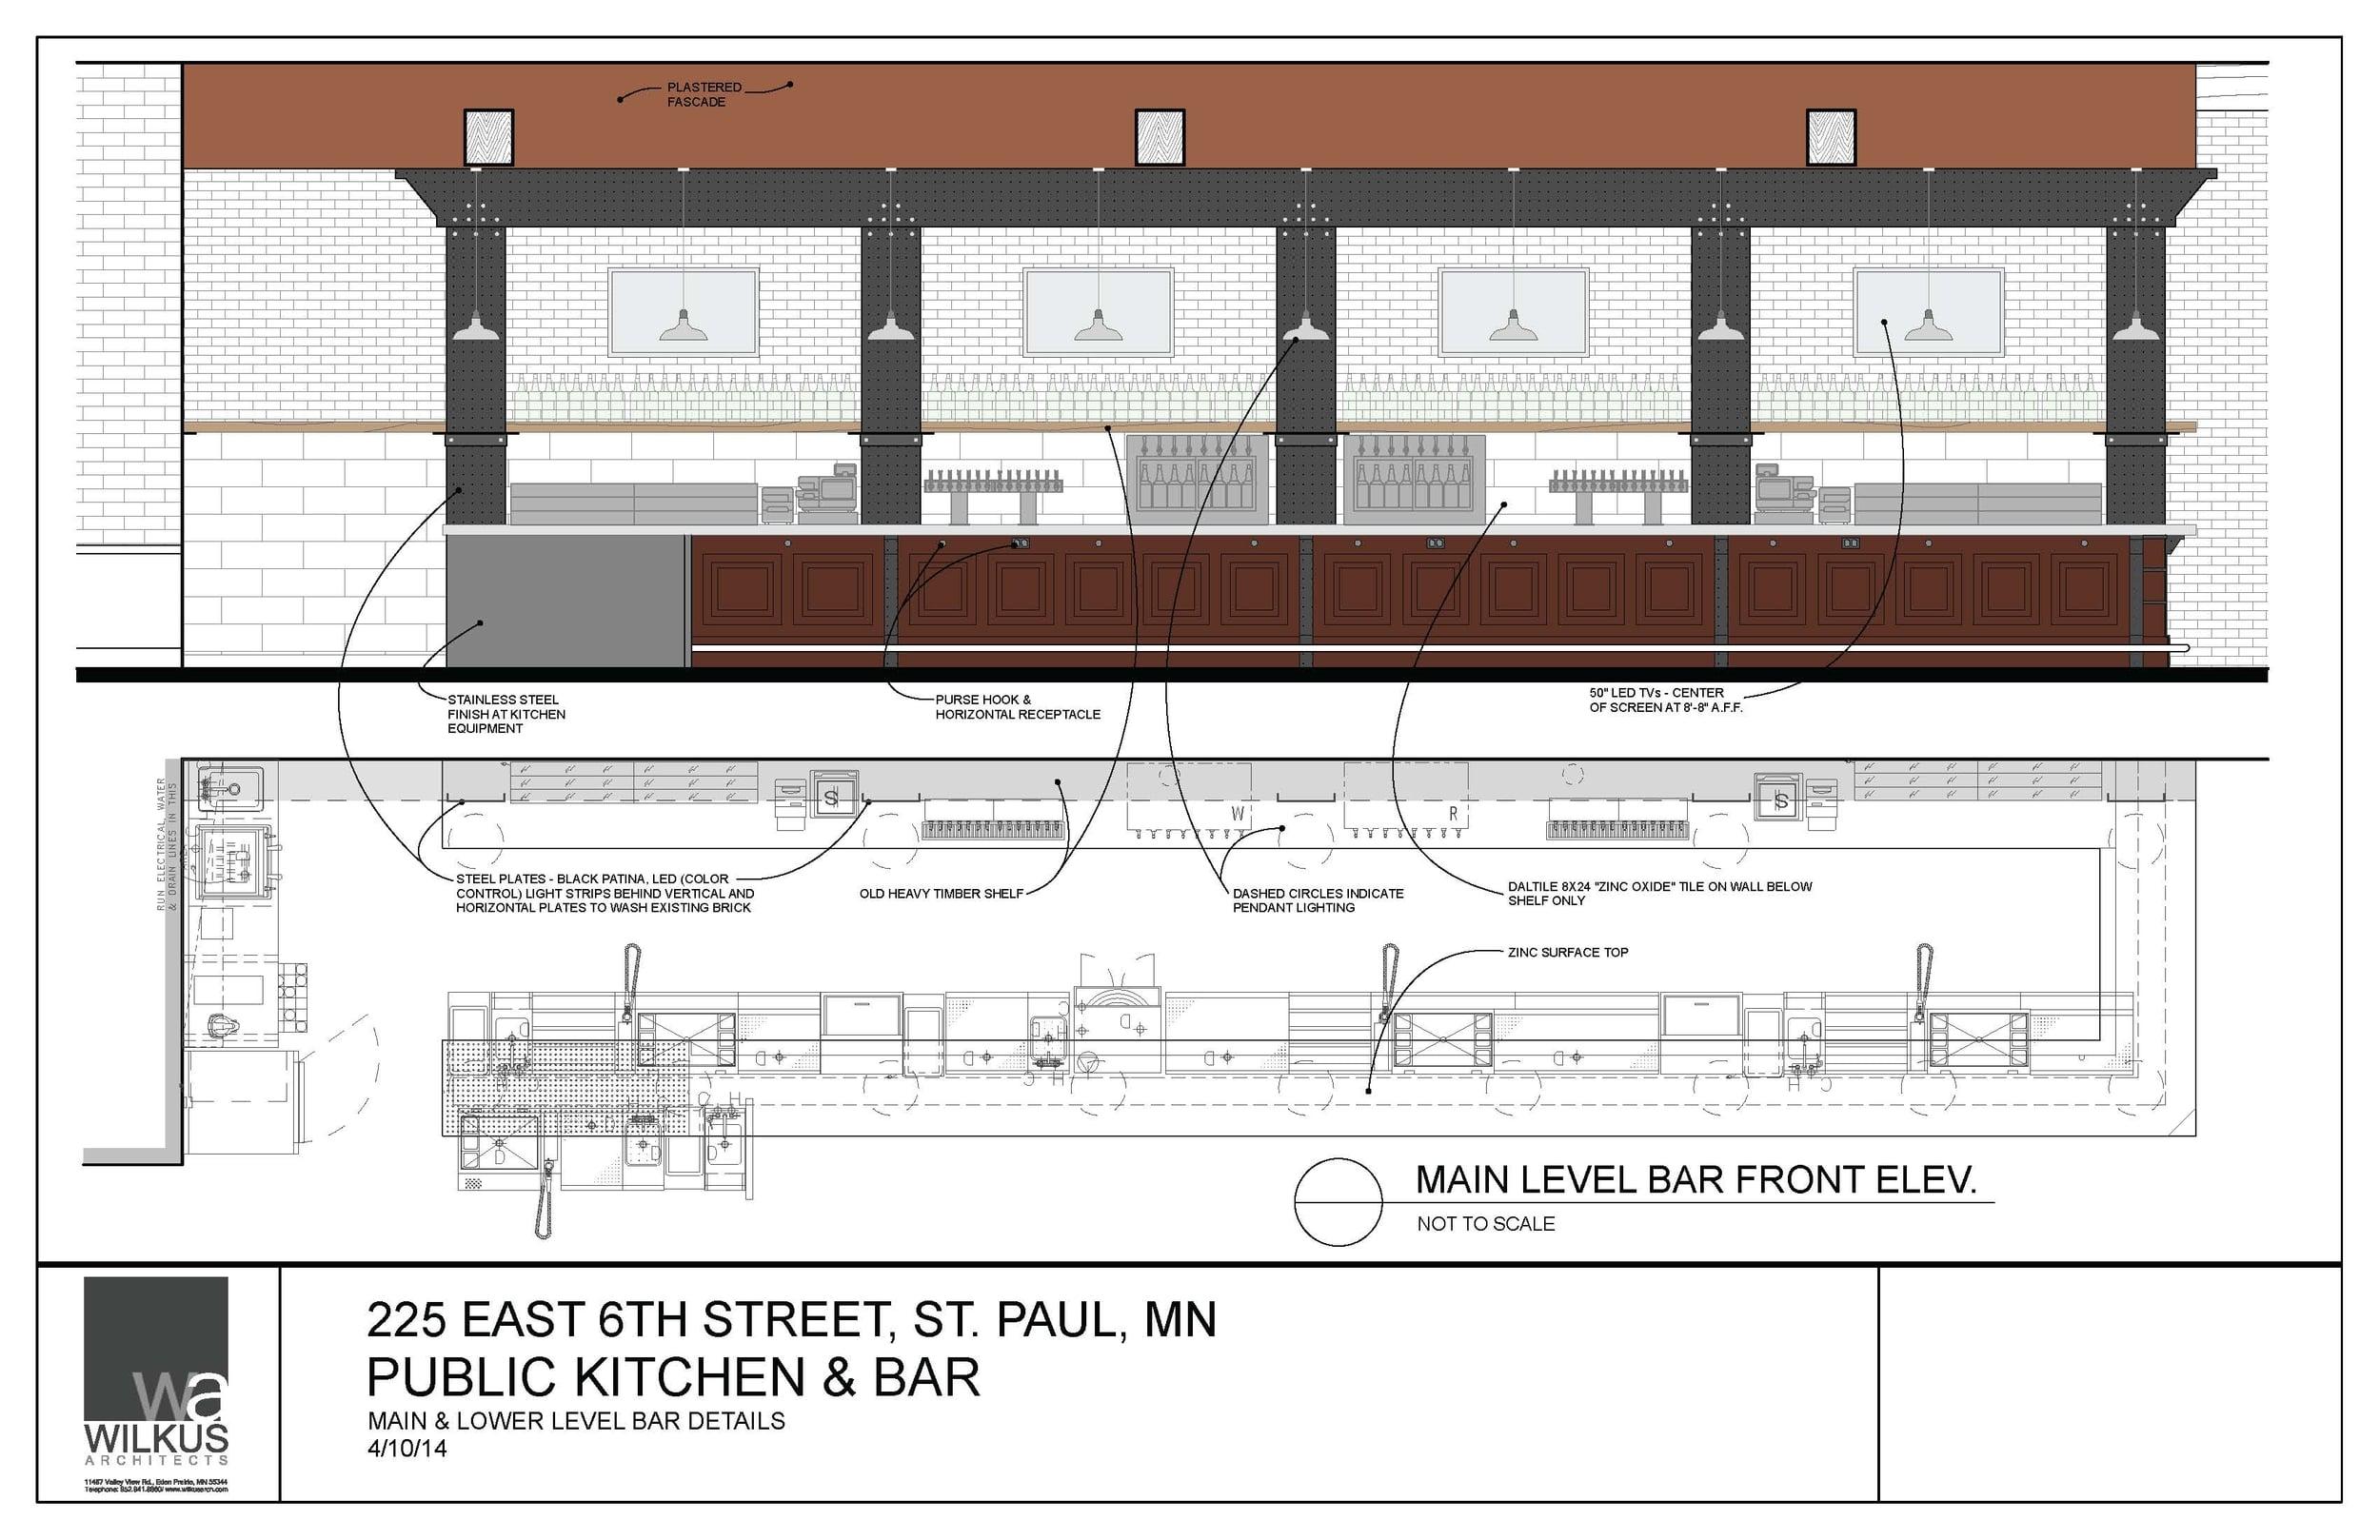 PUBLIC - Bar Details 04-10-14_Page_1